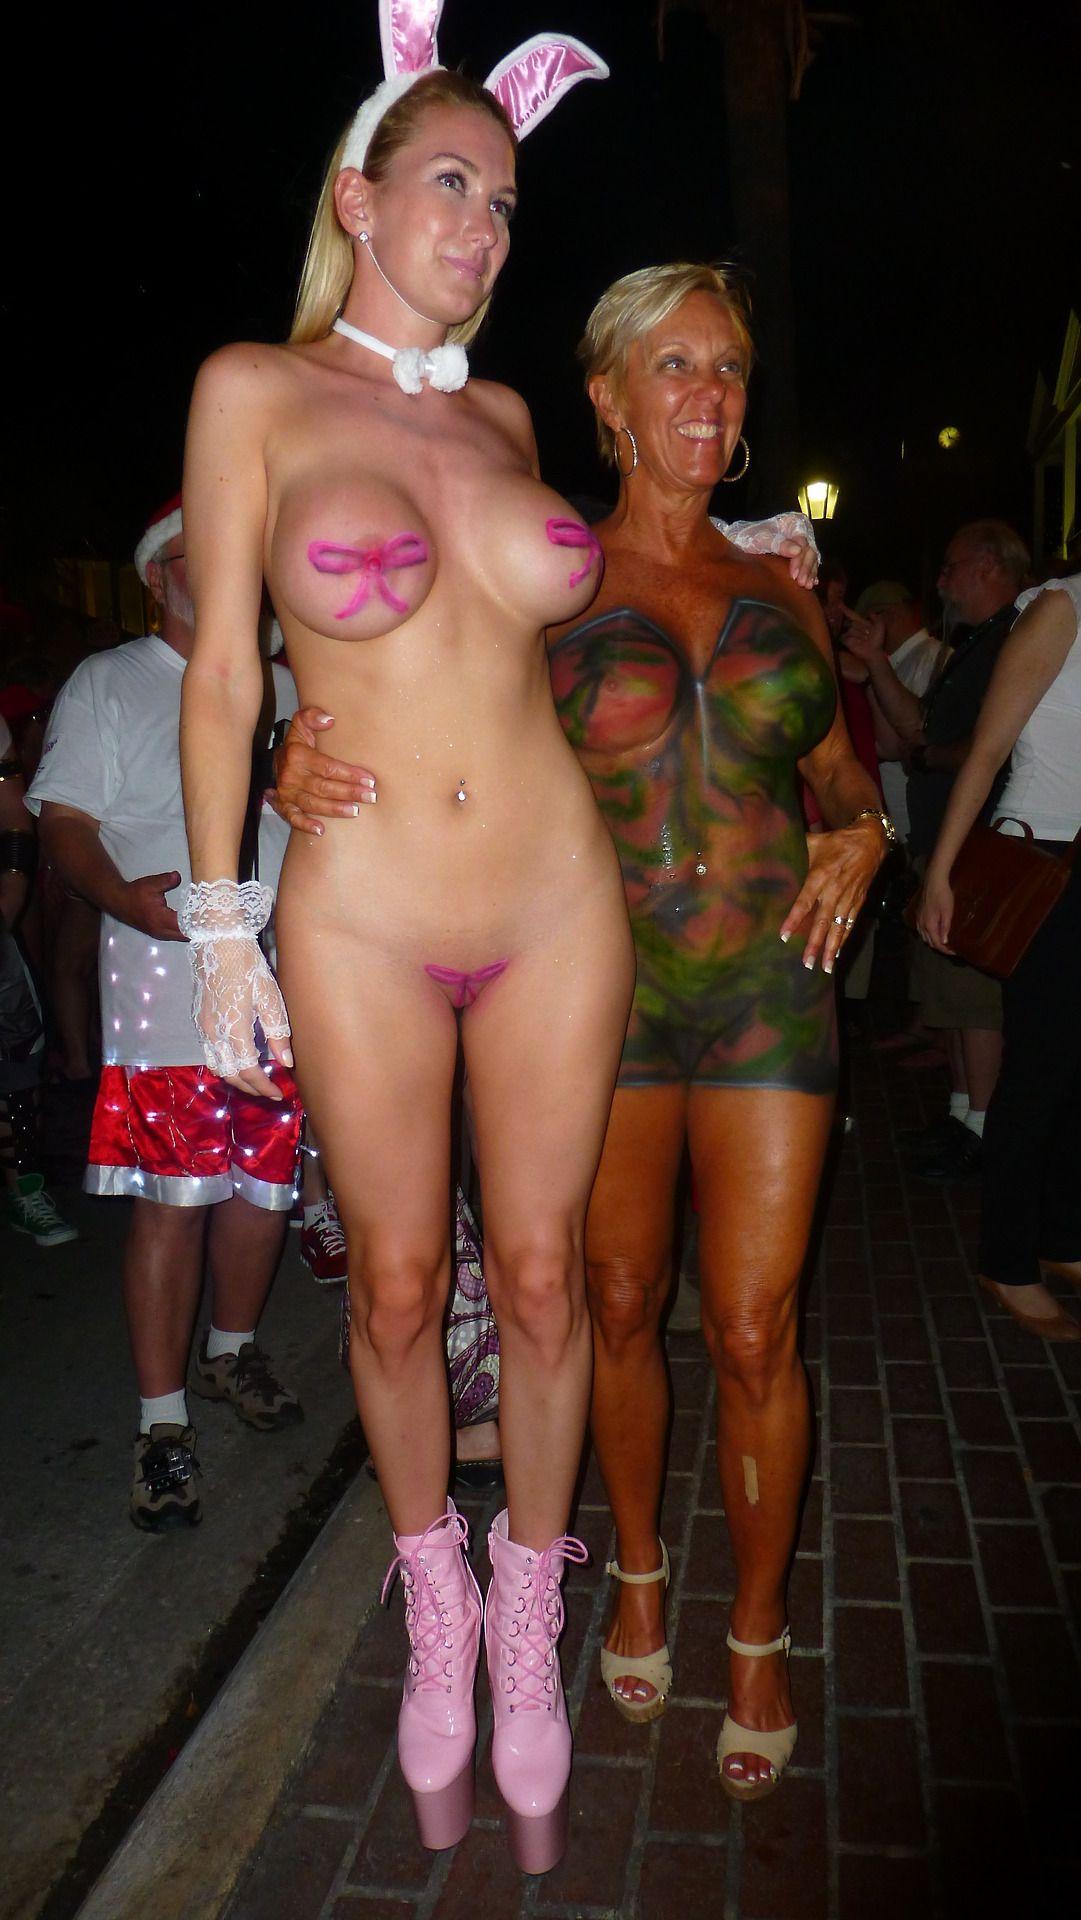 Body paint festival key west part 2 - 4 8